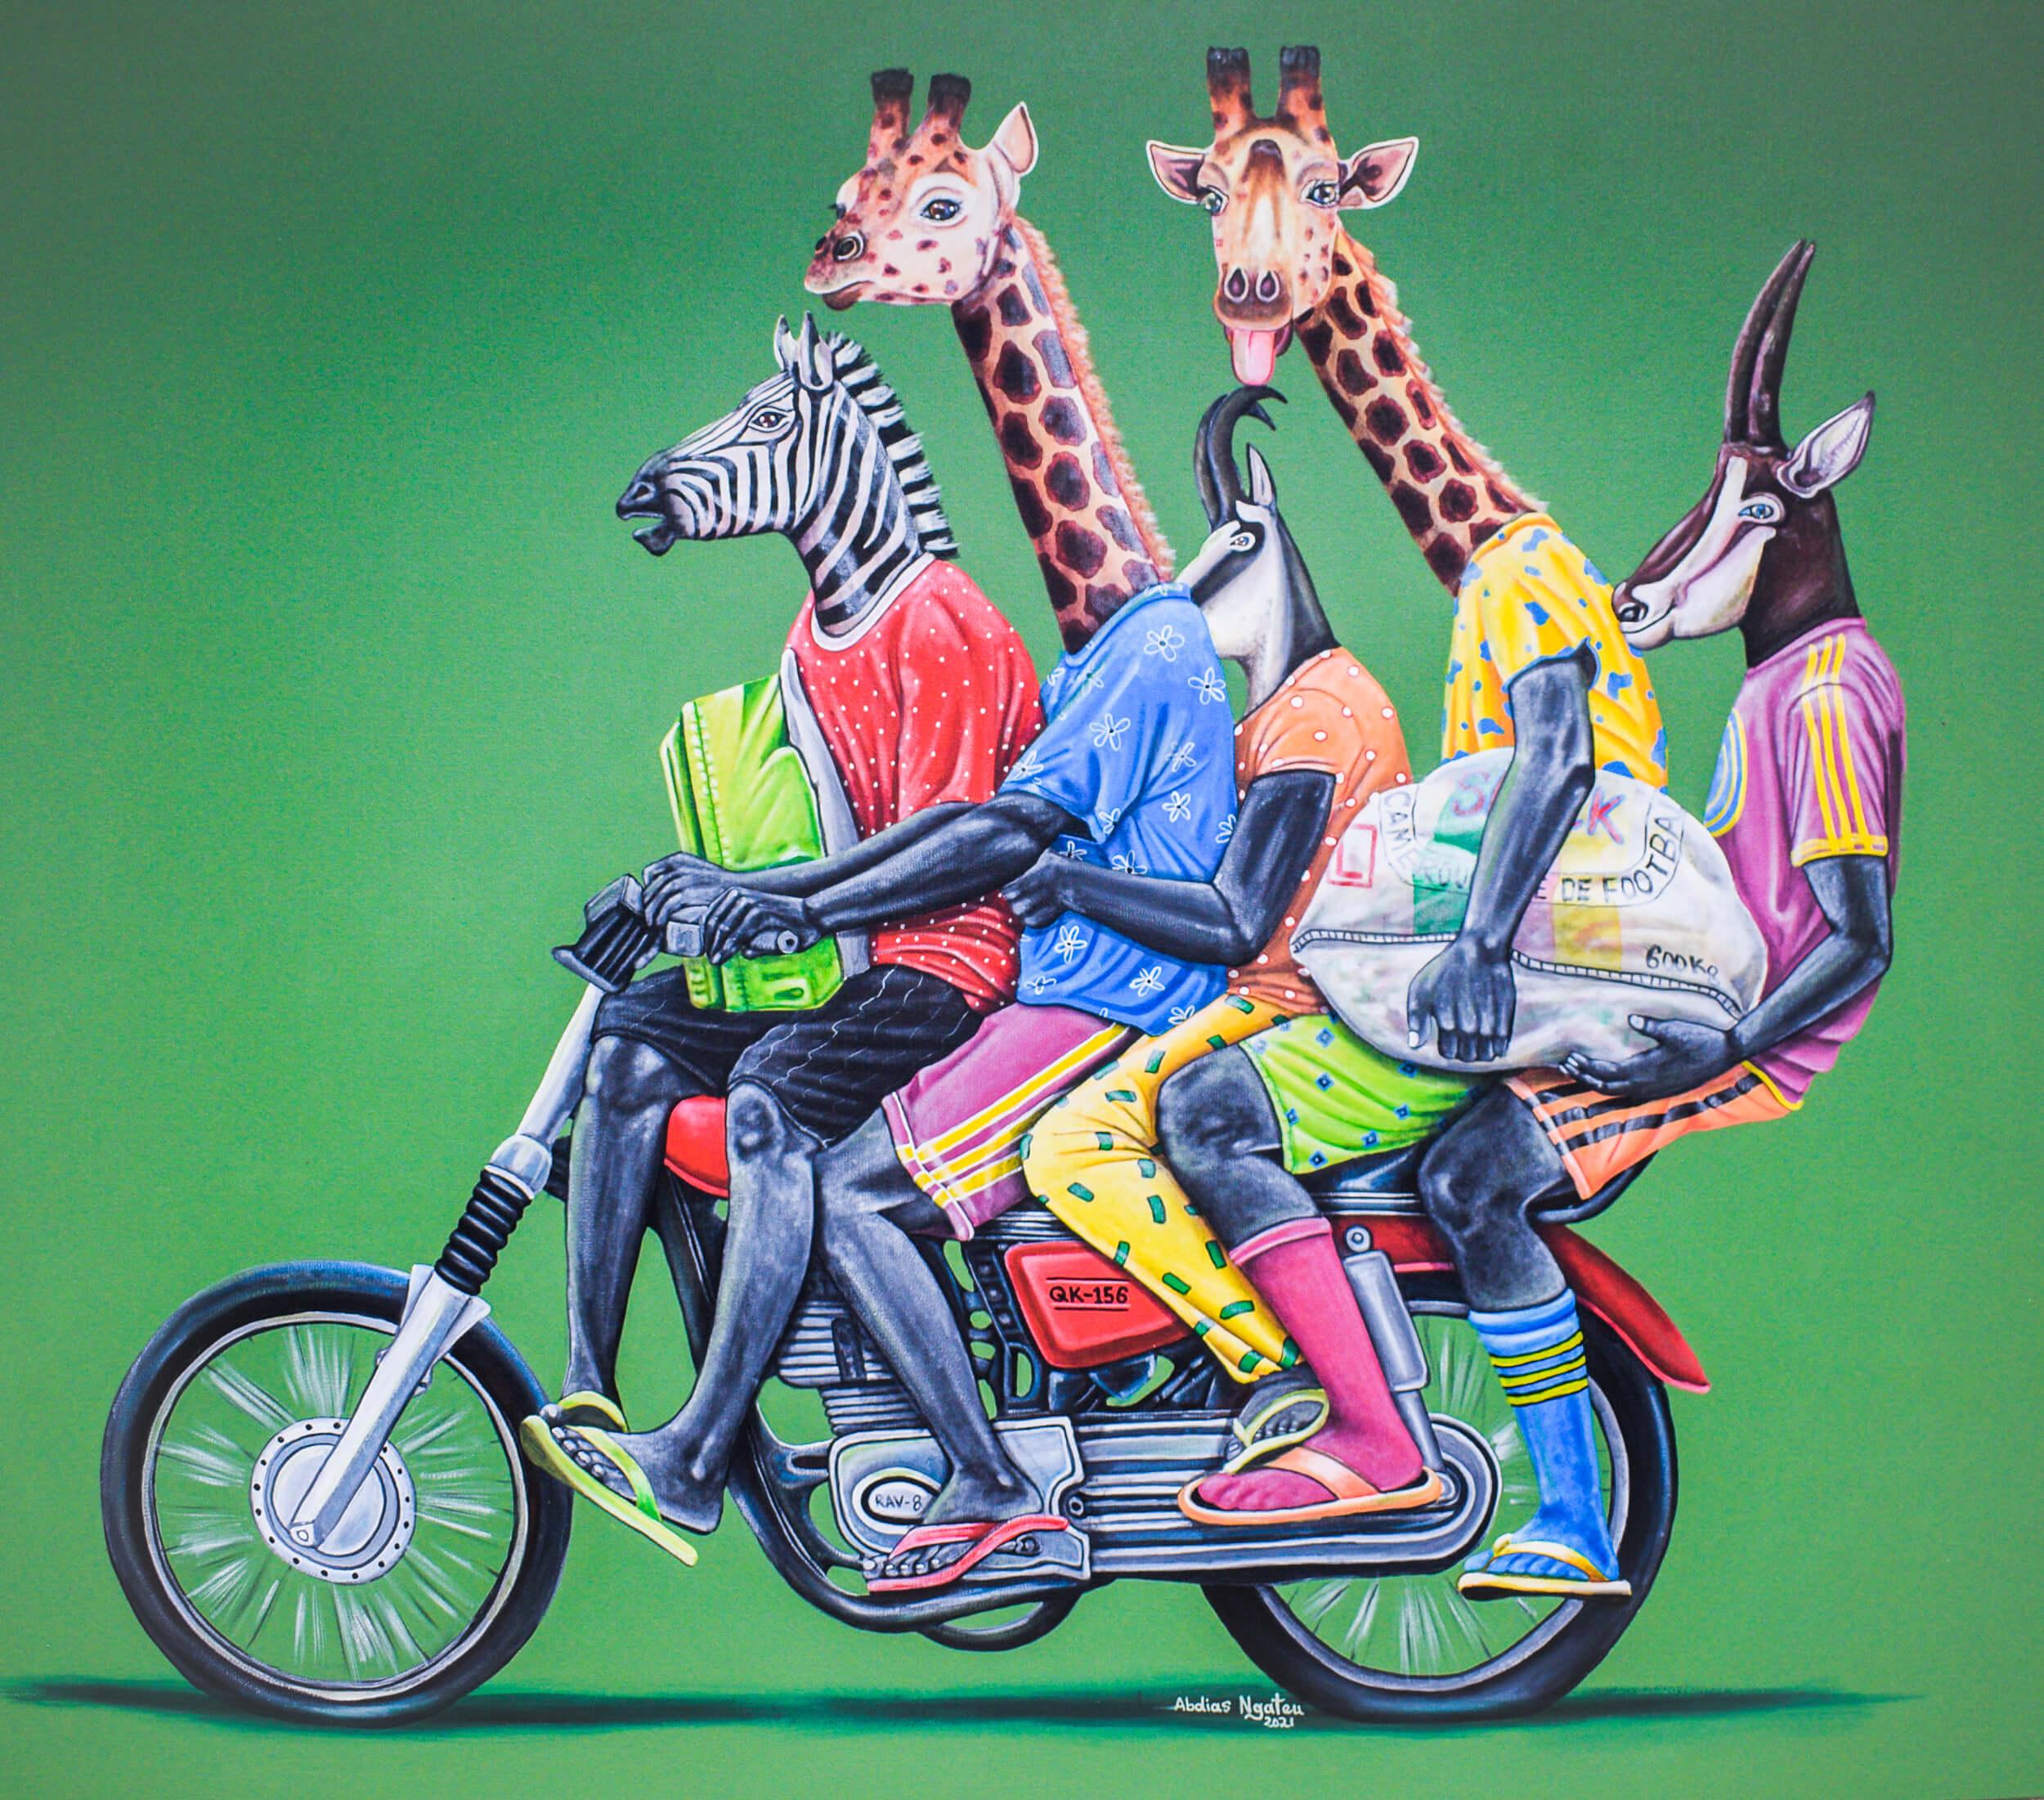 artsy-Abdias Ngateu - Le dimanche matin - 2021 - 120cm H x 140cm W - Acrylic on canvas-2105